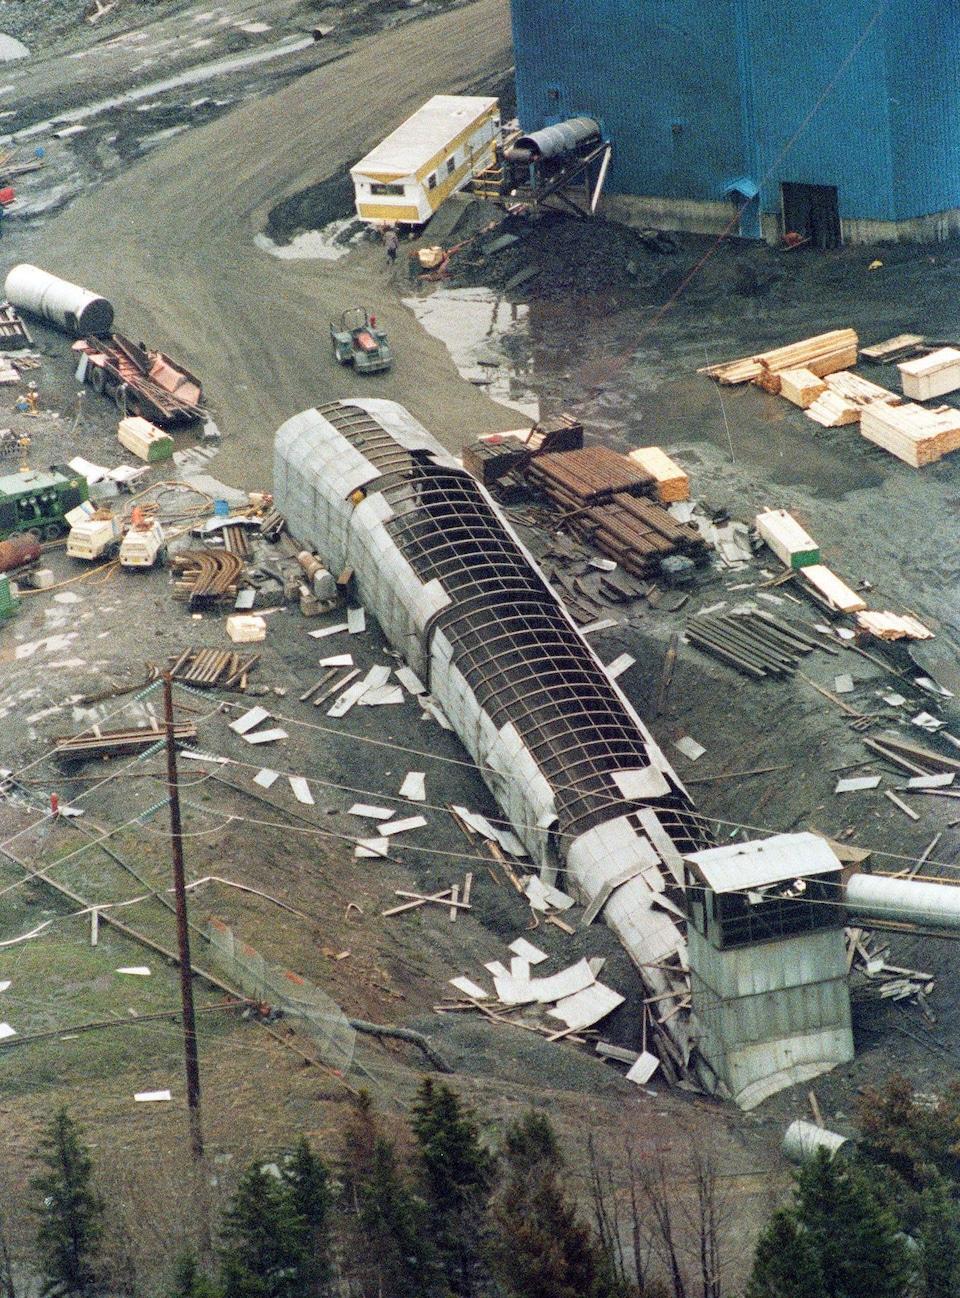 Une vue aérienne de la mine Westray, le 11 mai 1992. Deux jours plus tôt, une immense boule de feu a parcouru les tunnels de la mine et tué 26 mineurs.